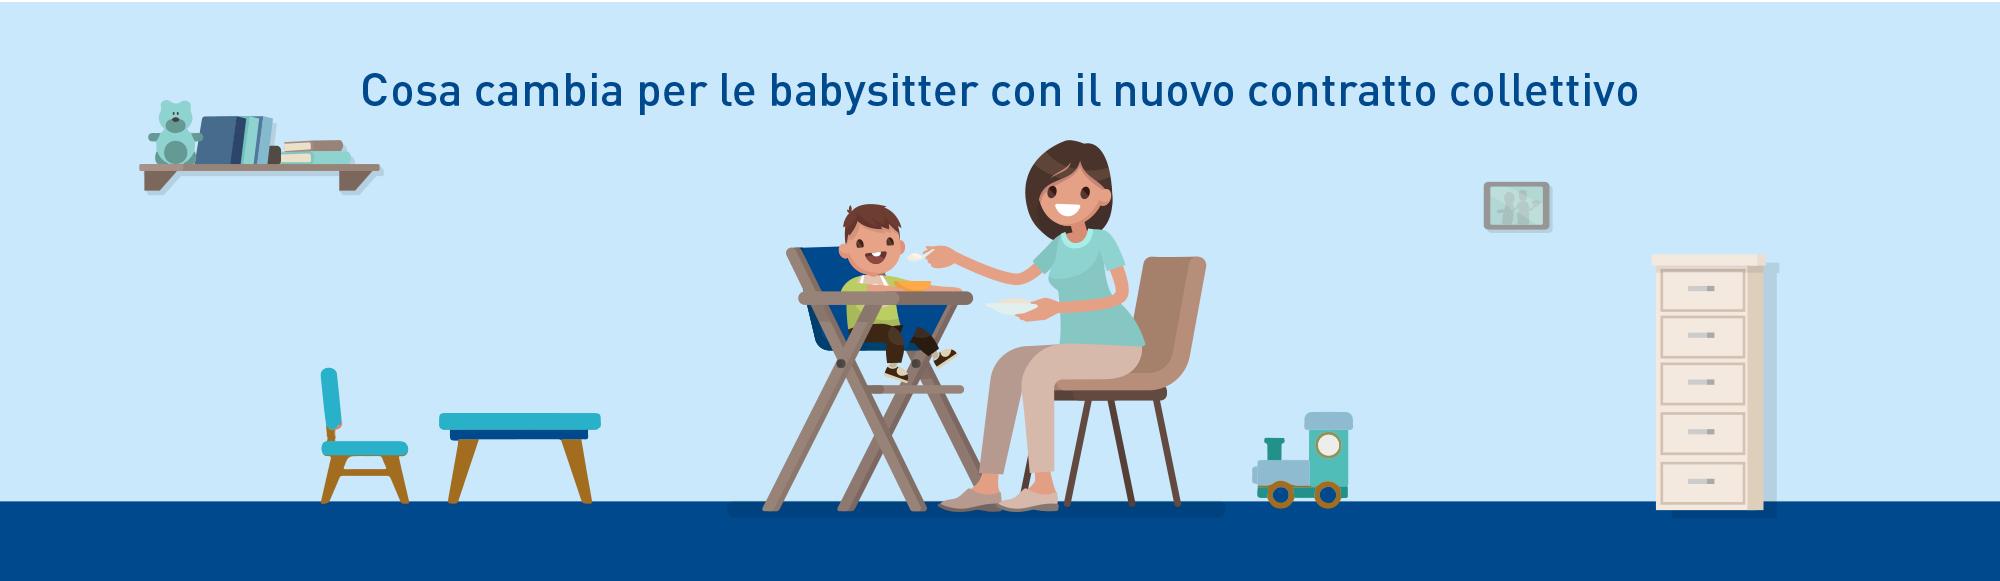 contratto collettivo babysitter